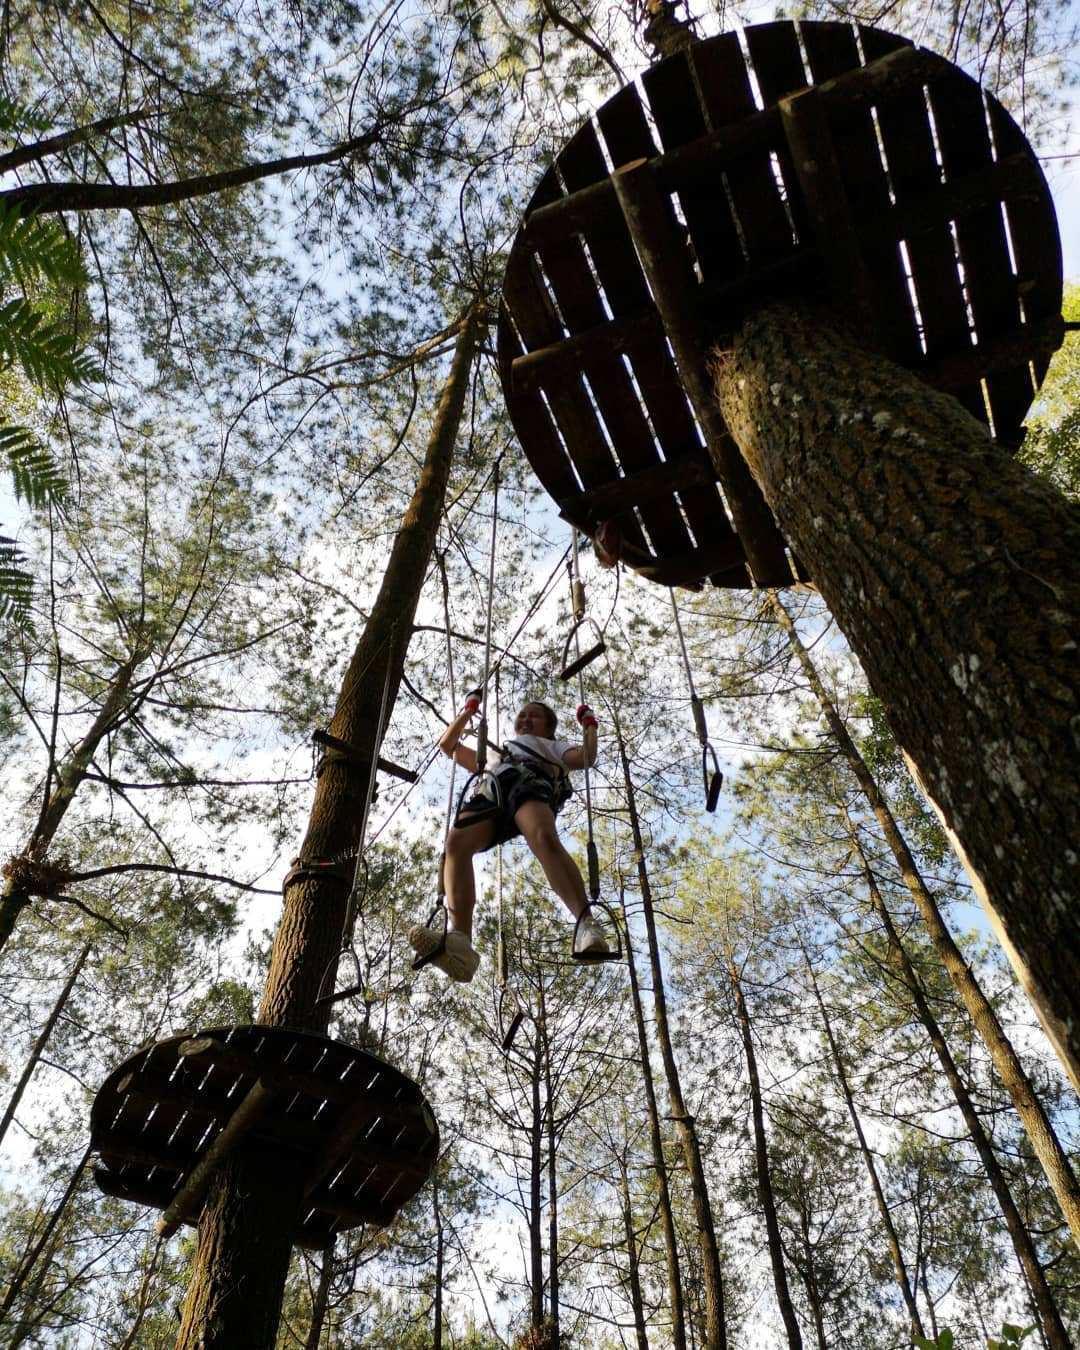 Bermain Outbond di Kopeng Treetop Semarang Image From @feritanata